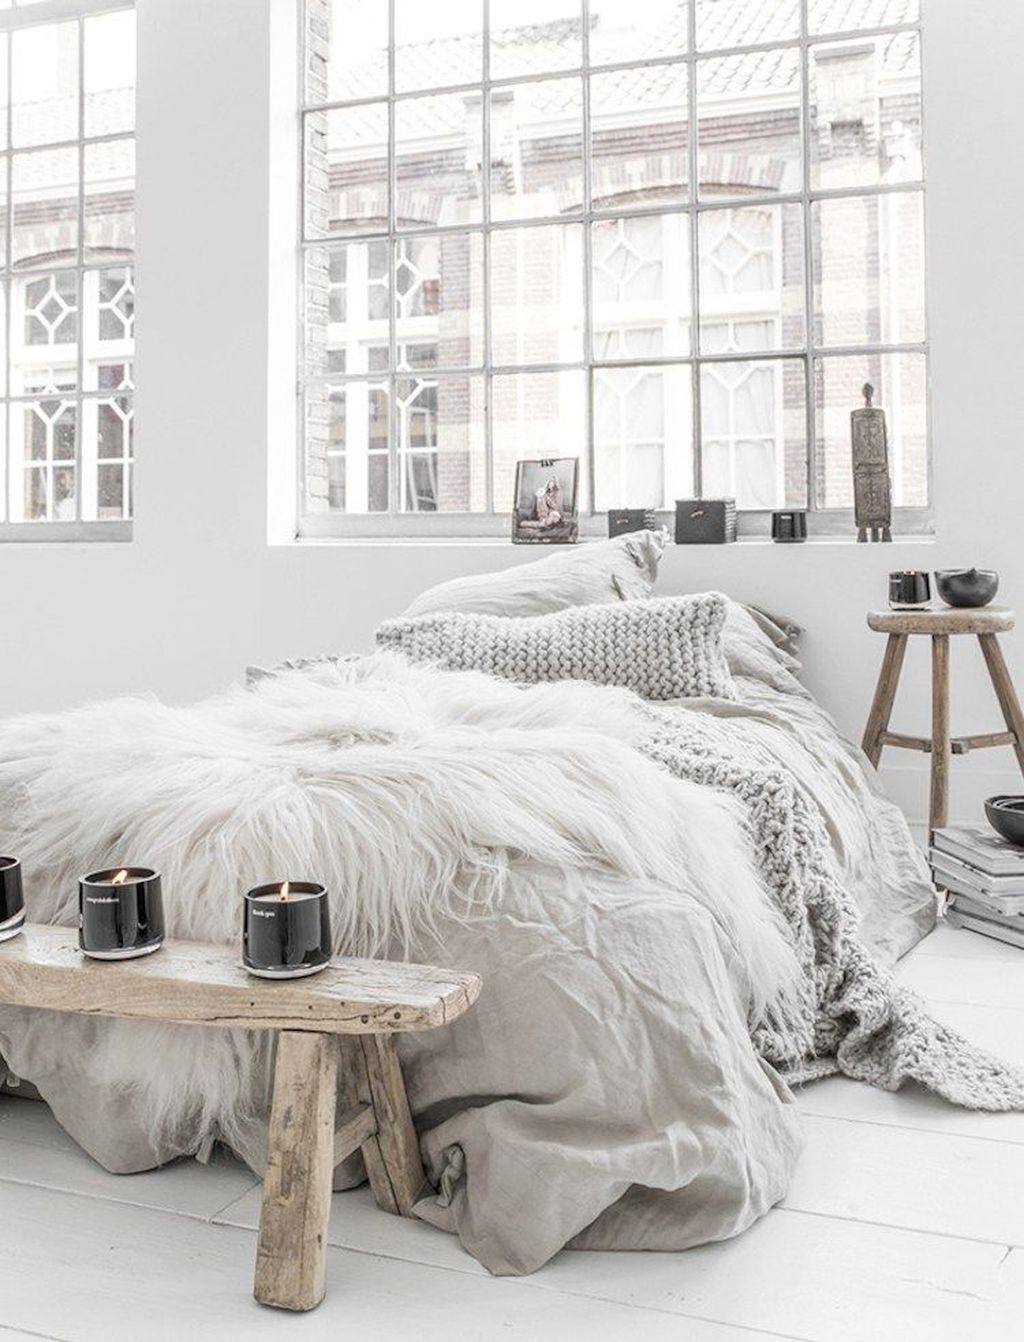 The Best Scandinavian Bedroom Interior Design Ideas 13